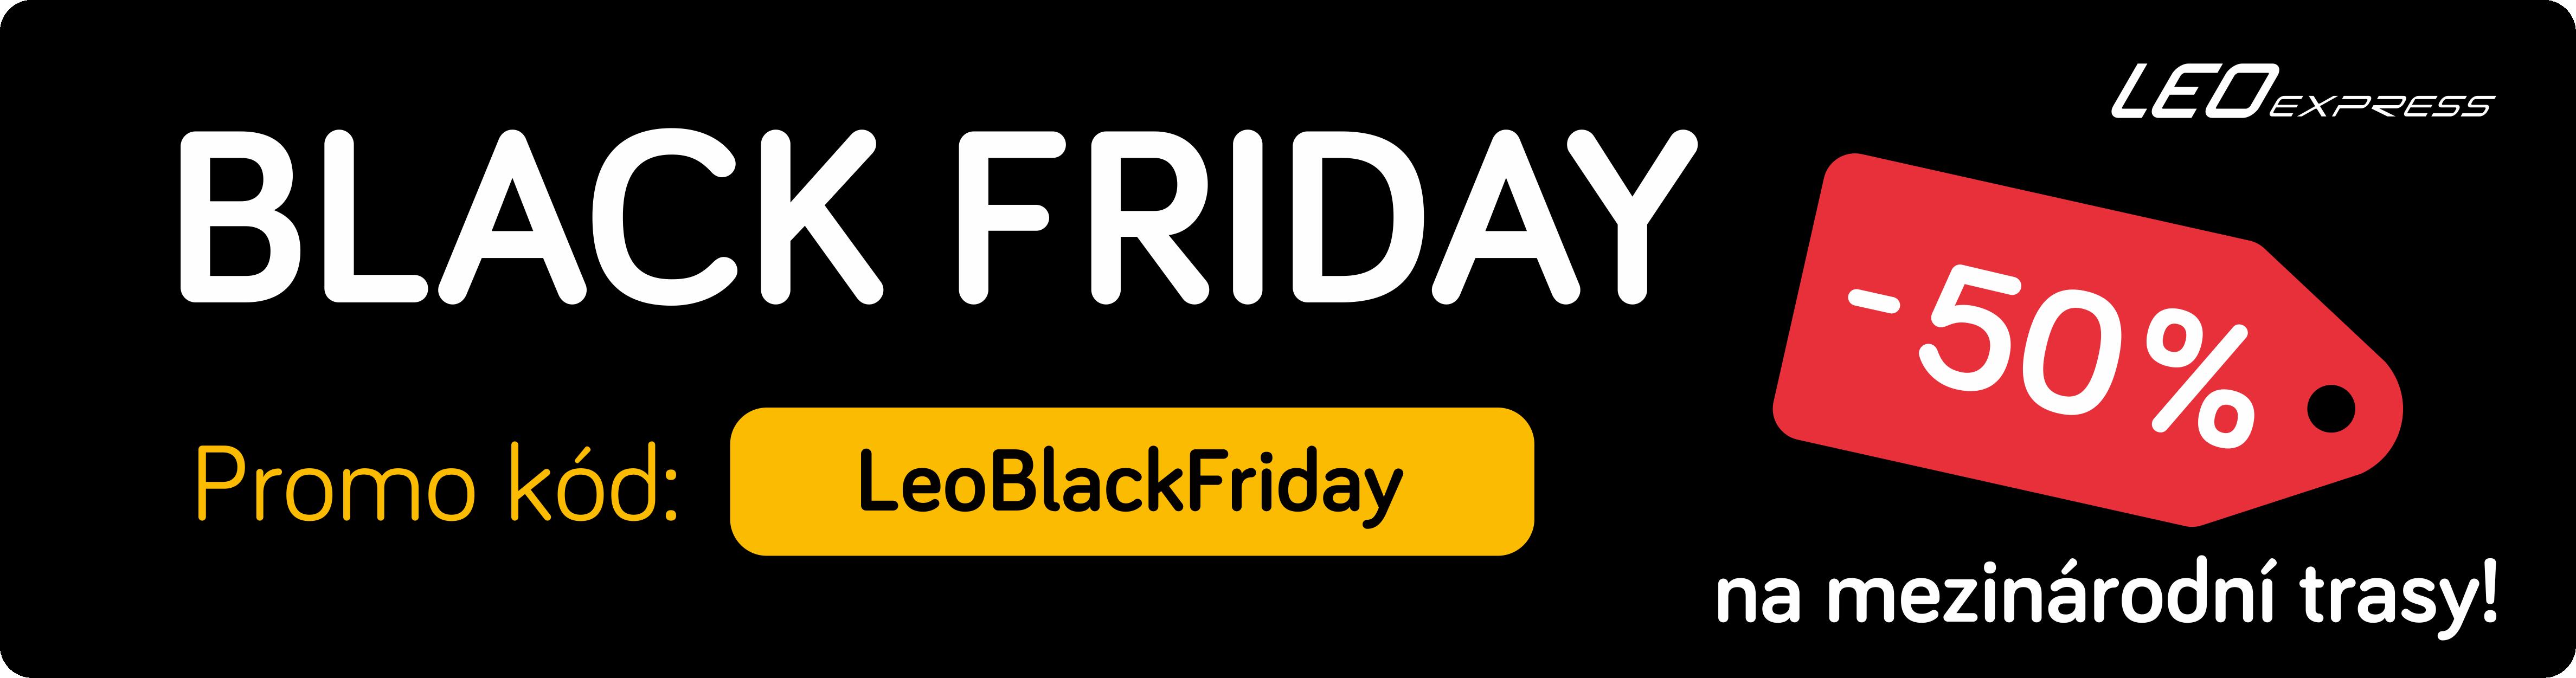 Black Friday podle Leo Express: 50% sleva na zahraniční linky